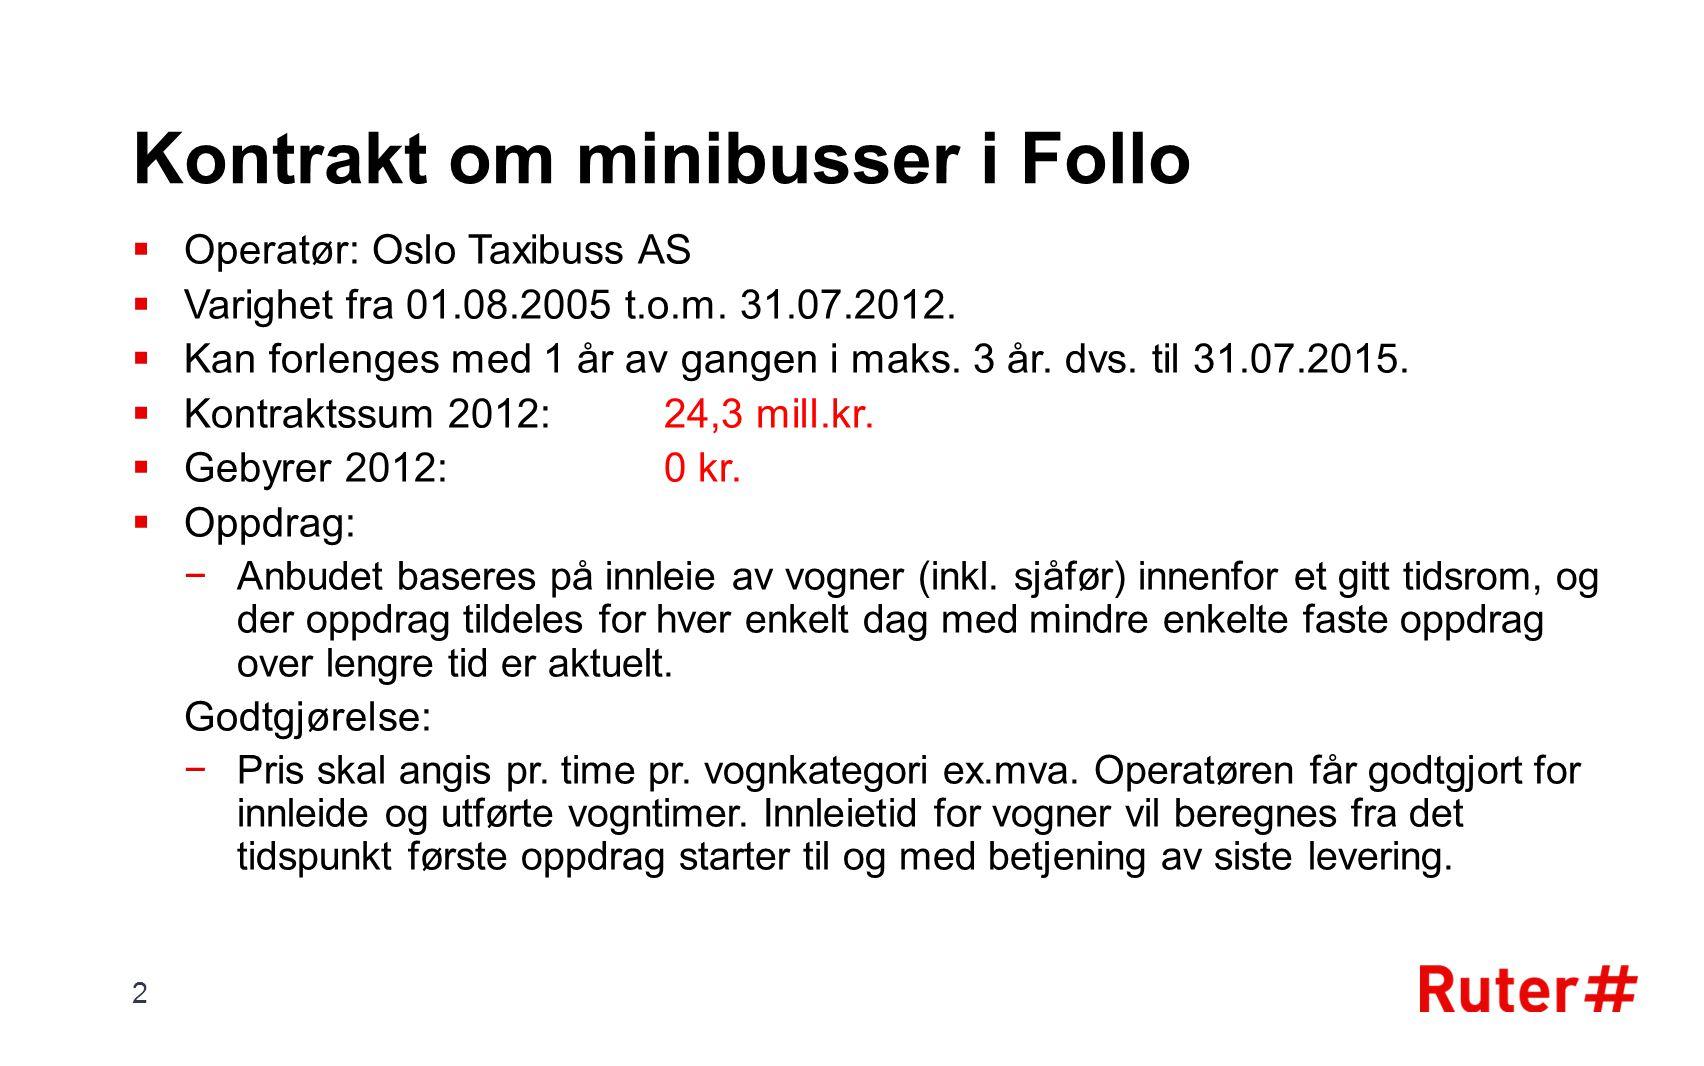 Kontrakt om minibusser i Follo  Operatør: Oslo Taxibuss AS  Varighet fra 01.08.2005 t.o.m. 31.07.2012.  Kan forlenges med 1 år av gangen i maks. 3